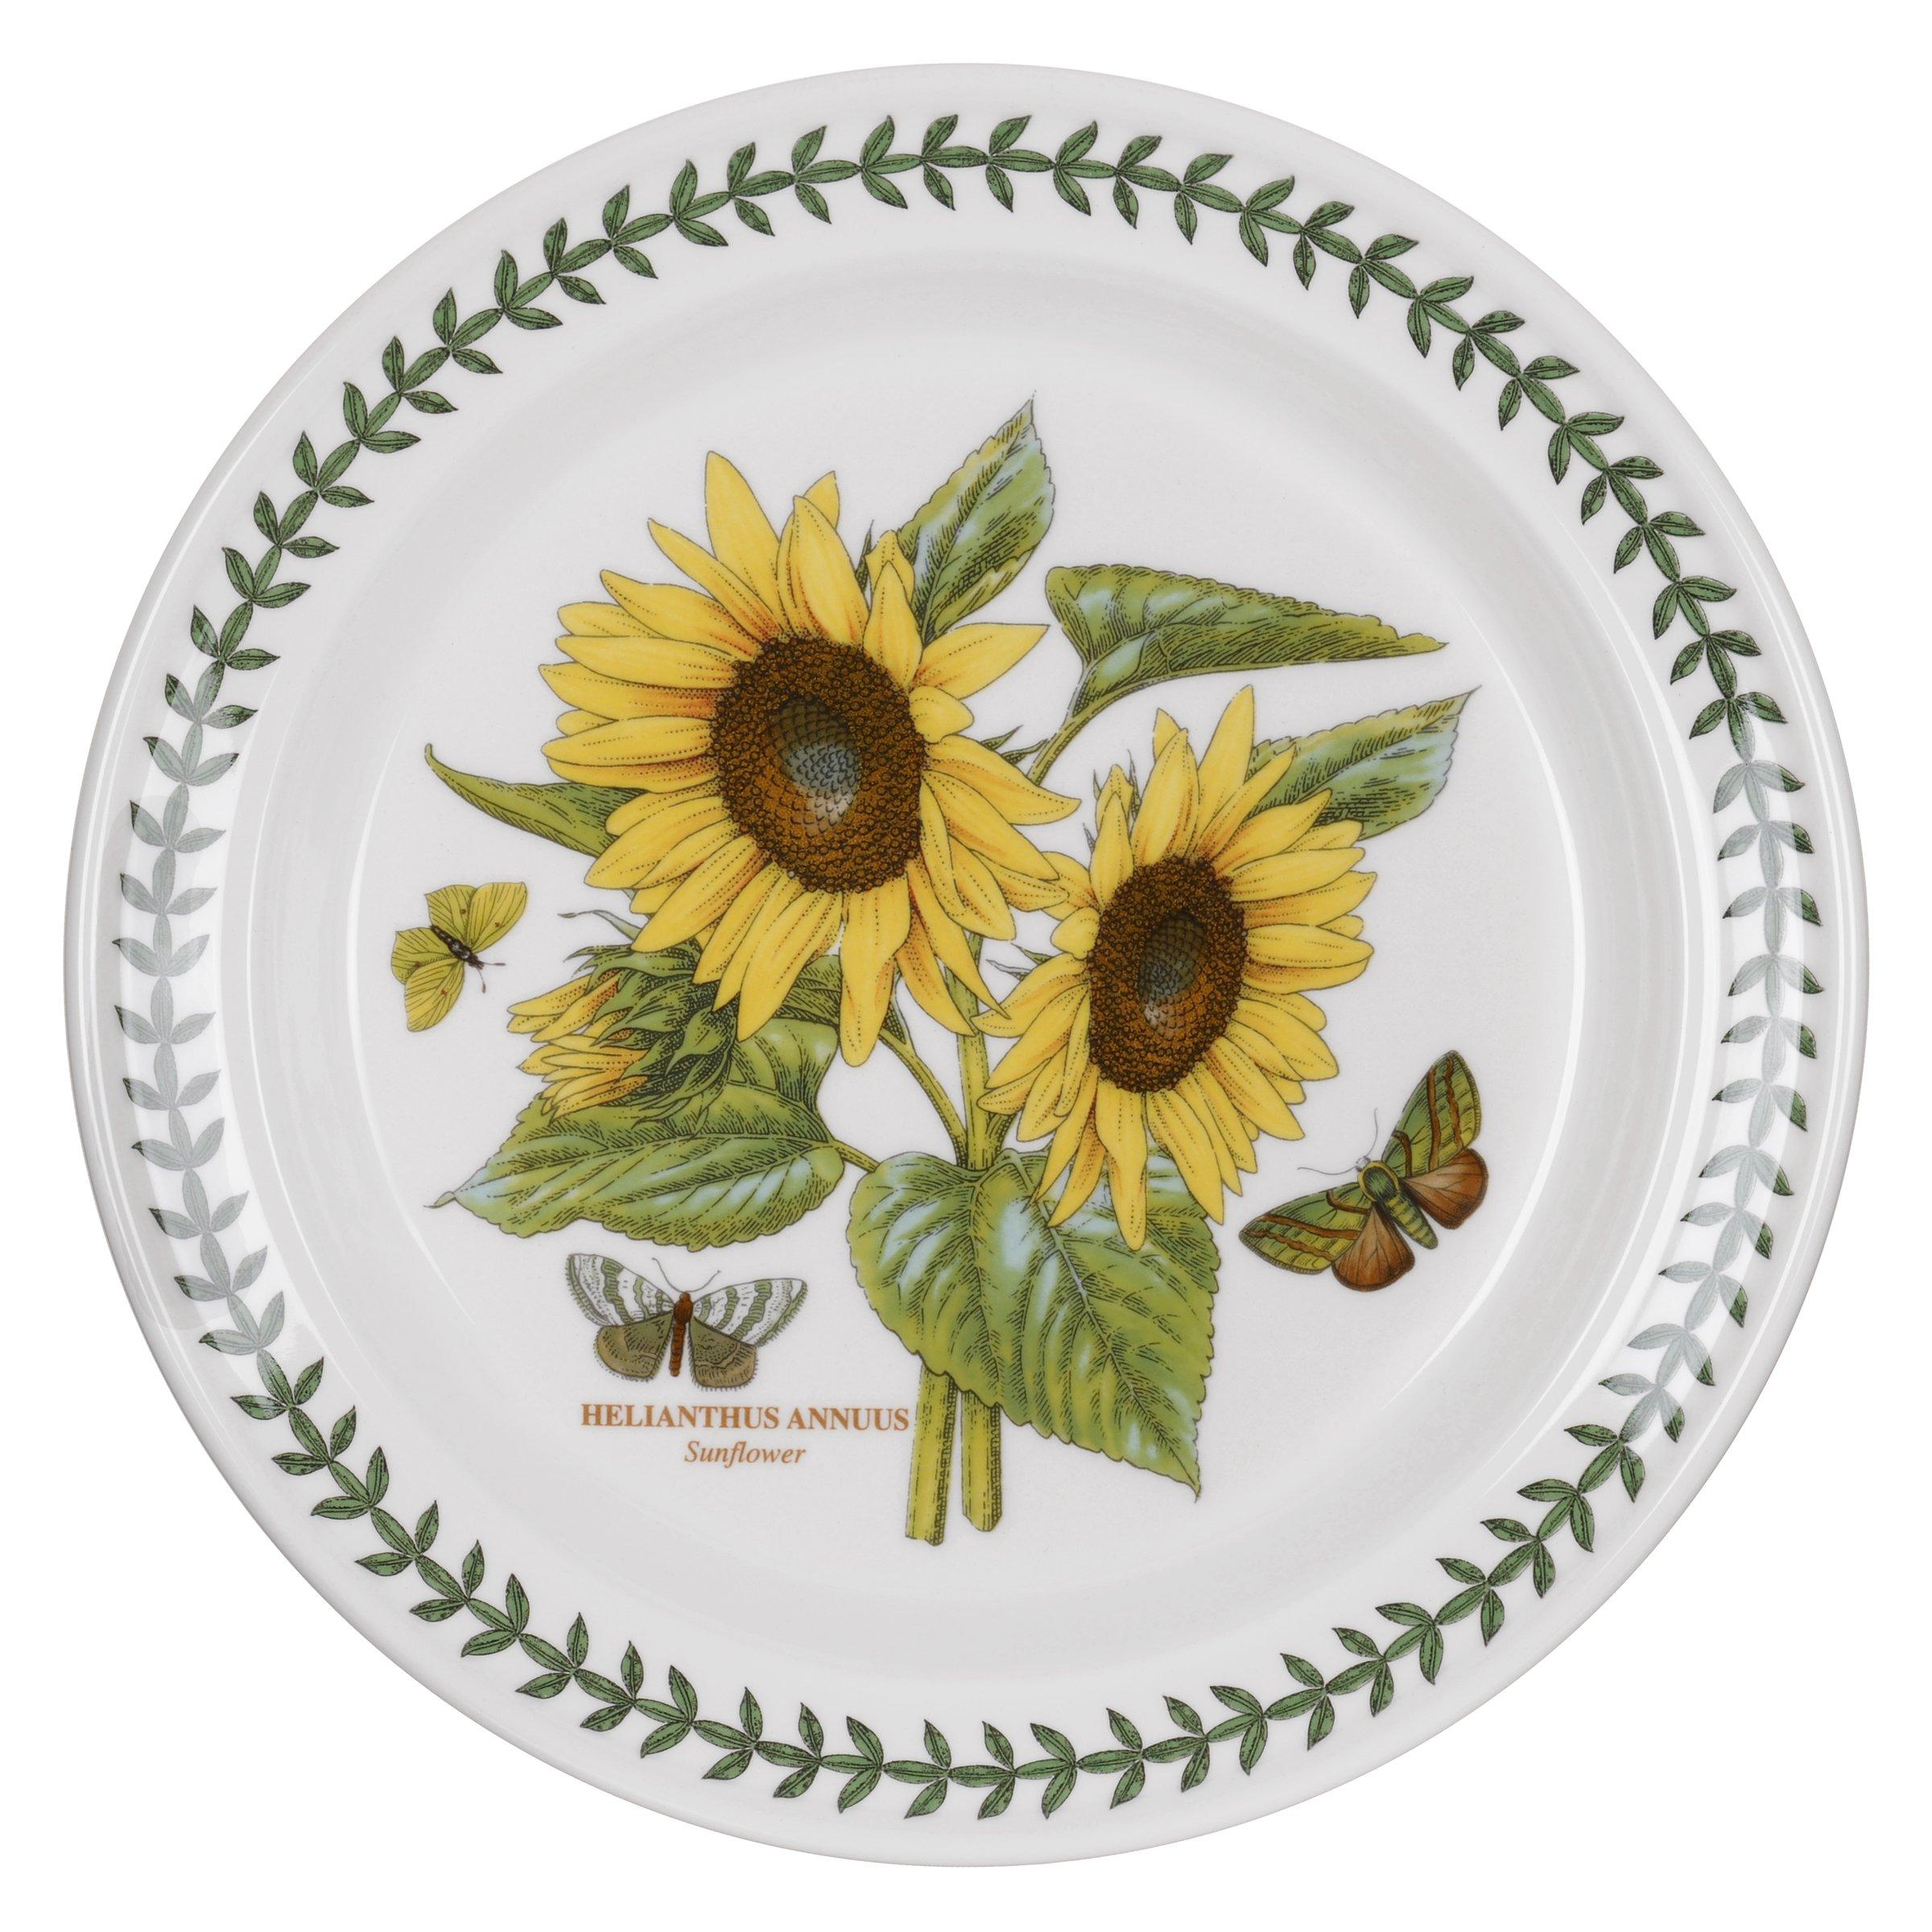 Portmeirion Botanic Garden Dinner Plate, Sunflower Motif, Set of 6